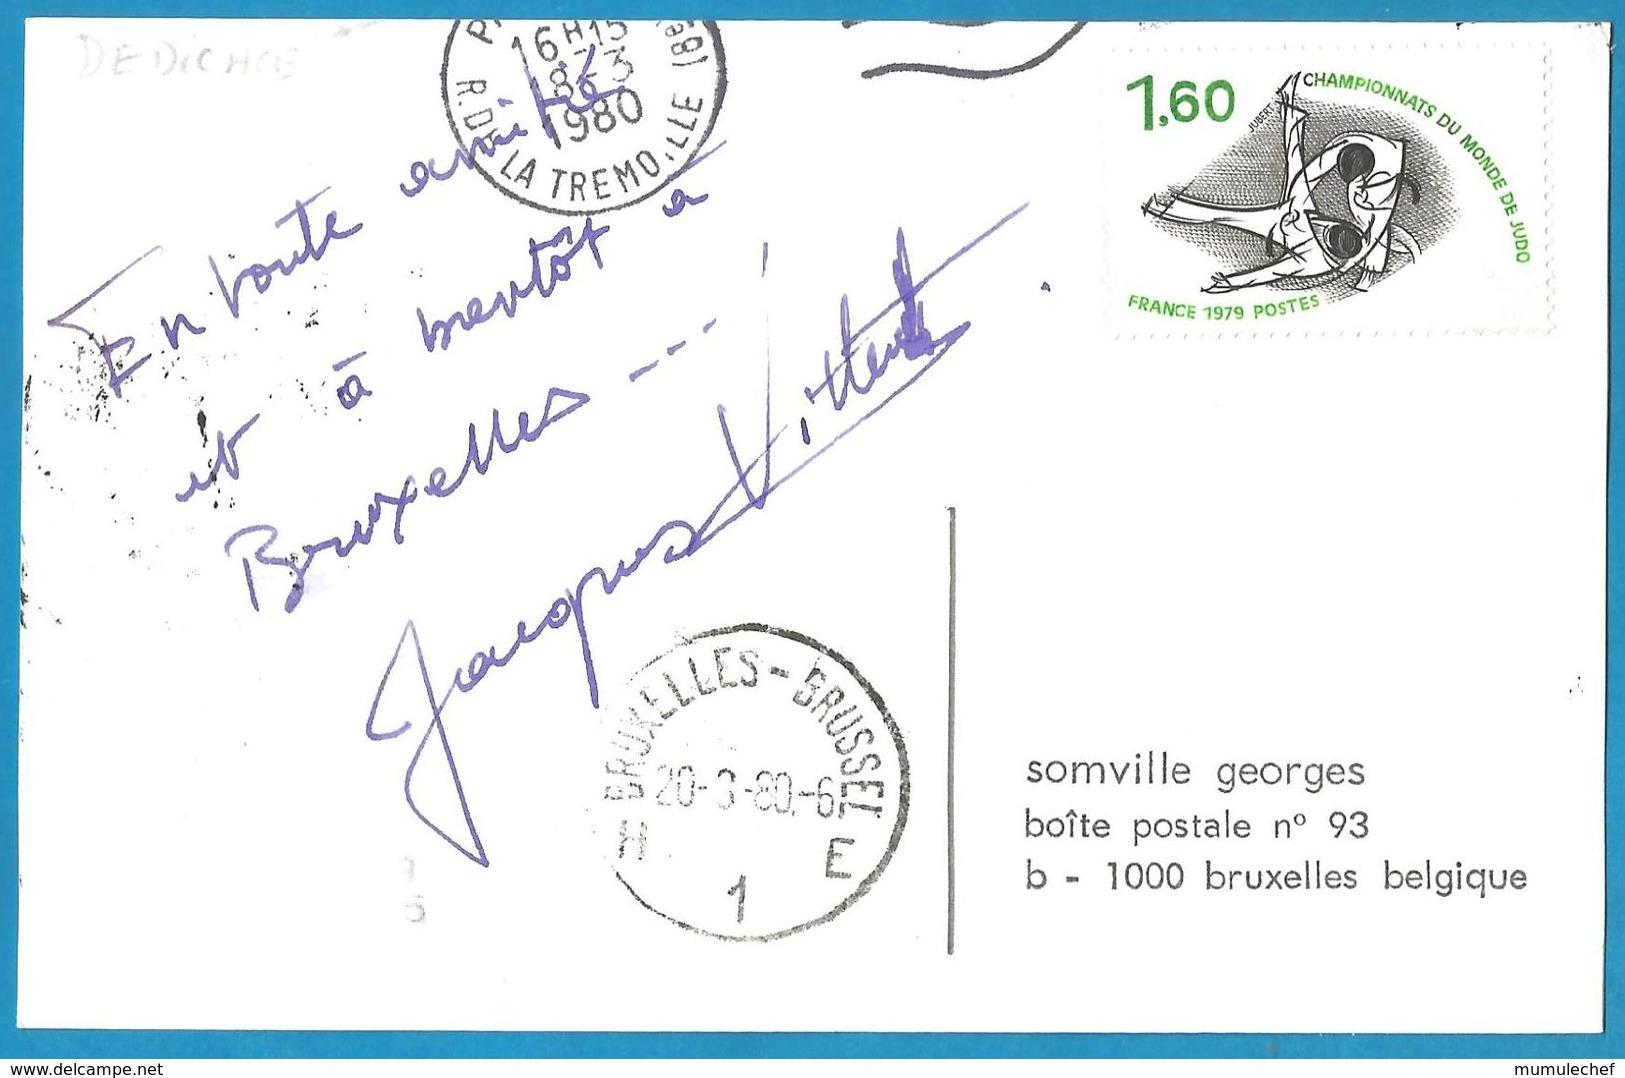 (A986) - Signature / Dédicace / Autographe Original - Jacques VILLERET - Autographes